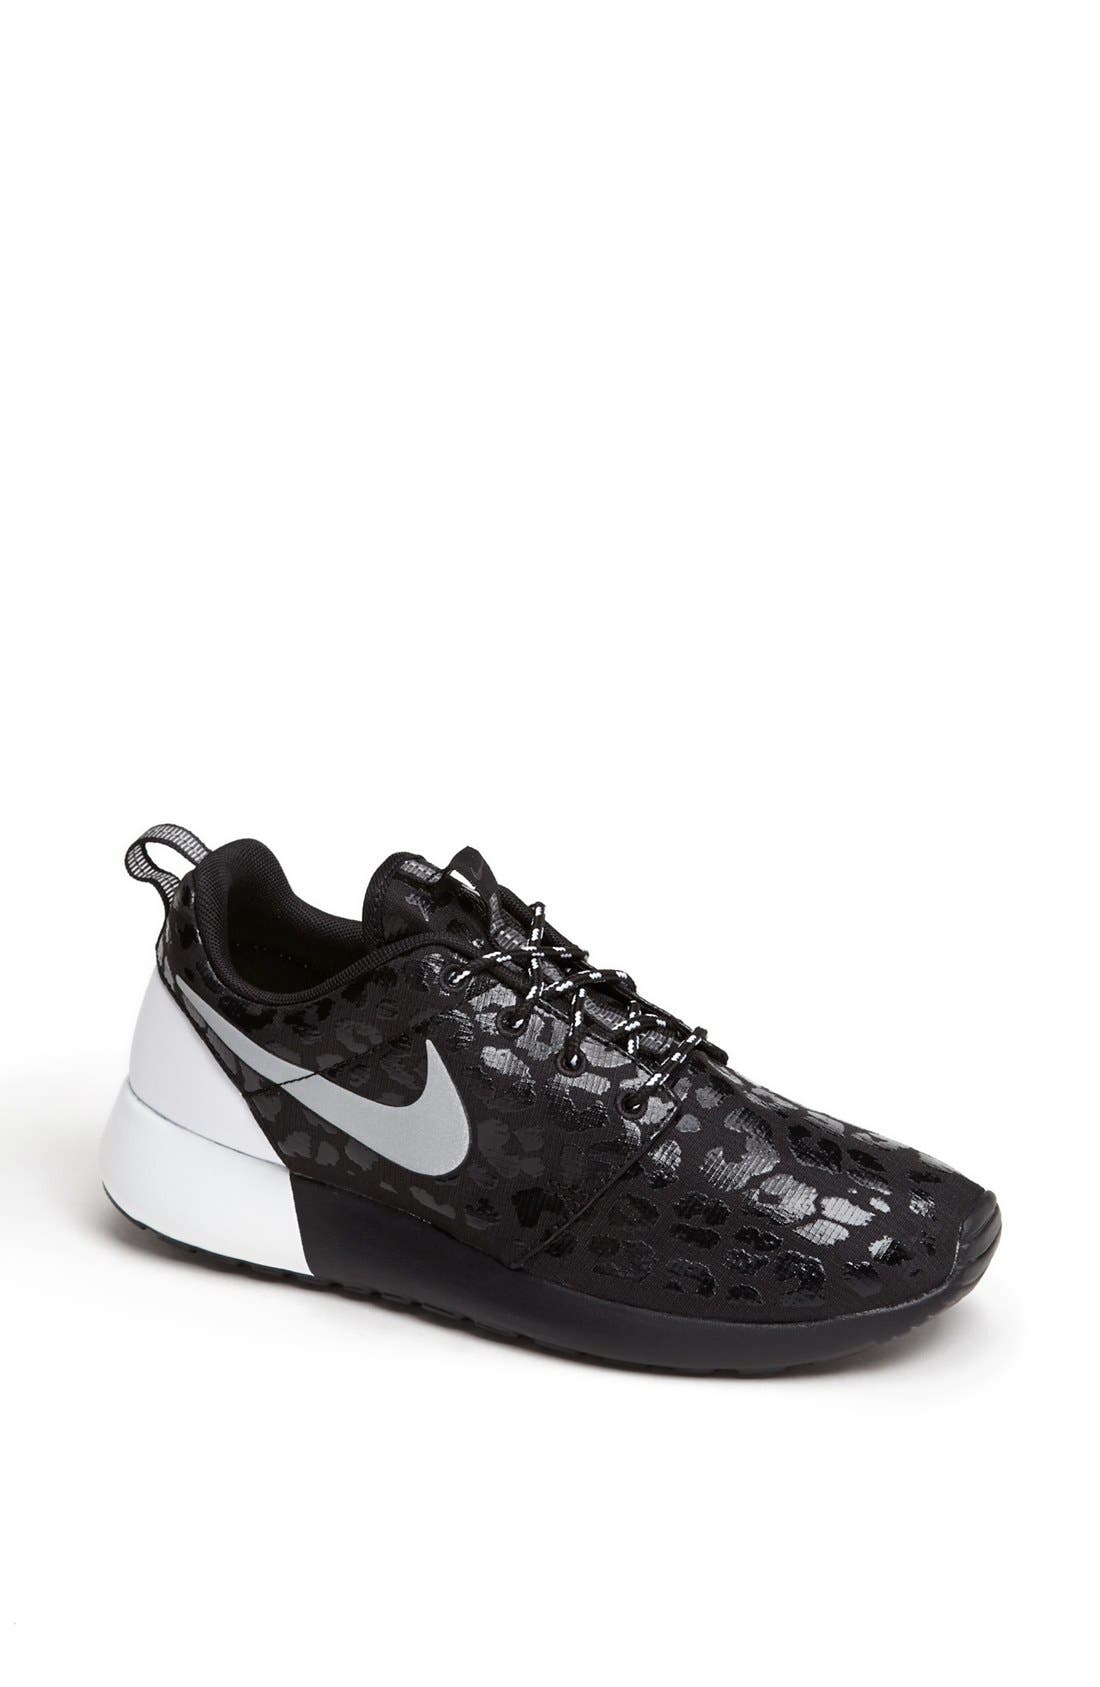 Main Image - Nike 'Roshe Run' Sneaker (Women)